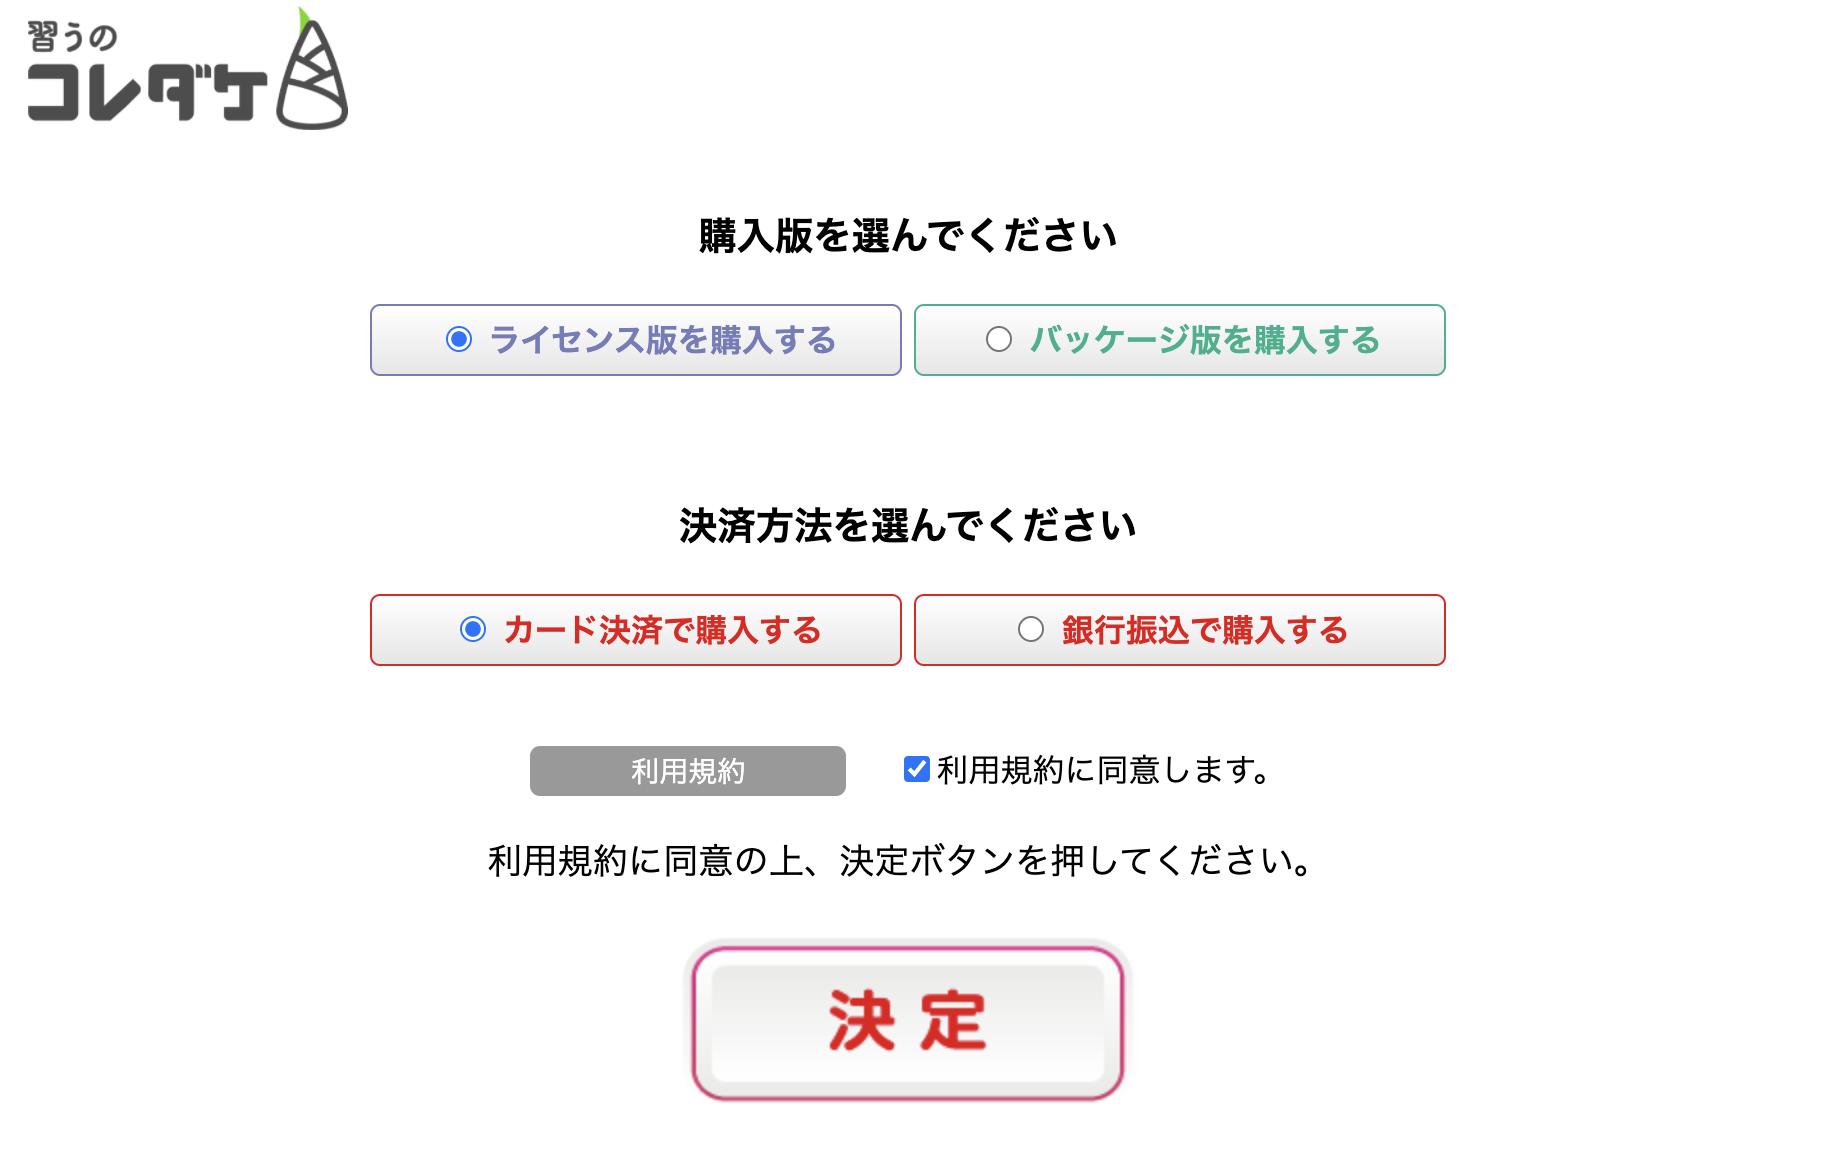 購入商品の選択画面